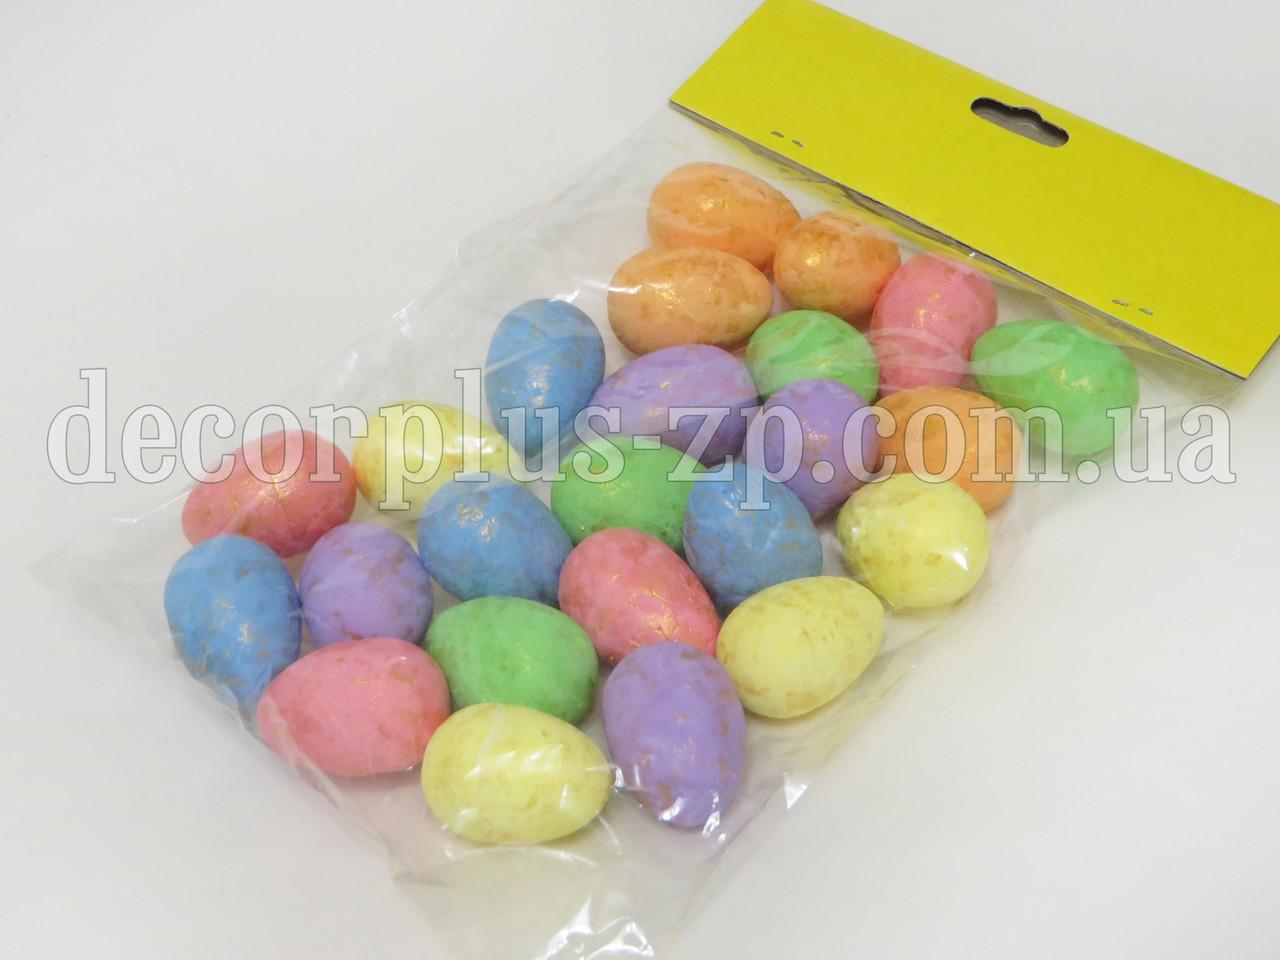 Яйцо цветное в крапинку 3,5см , (уп 24шт)